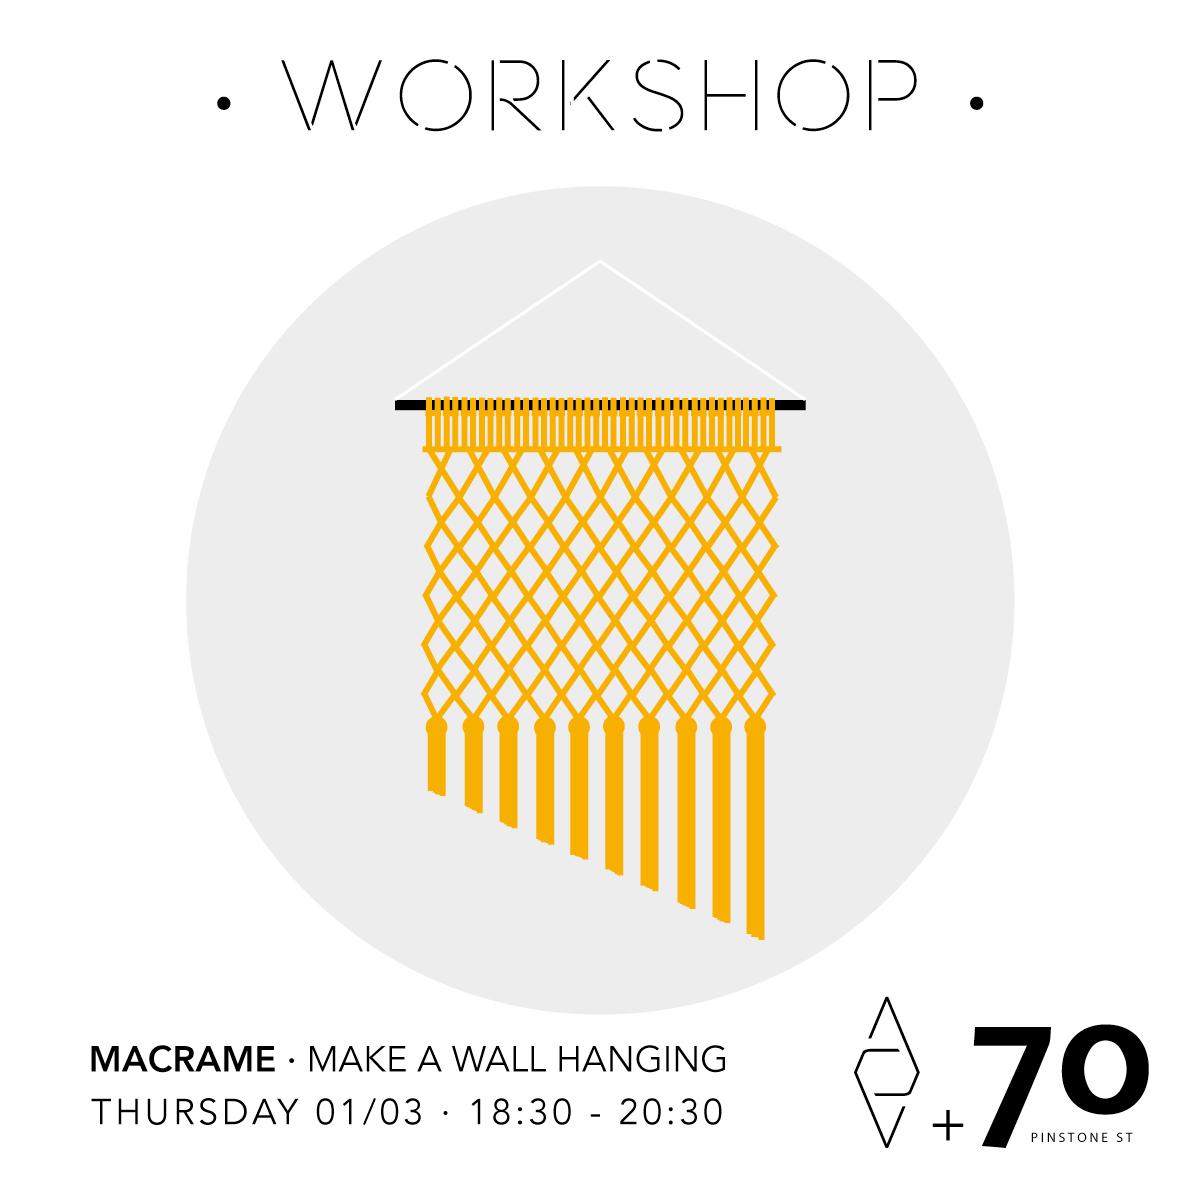 wall-hanging-workshop3.jpg